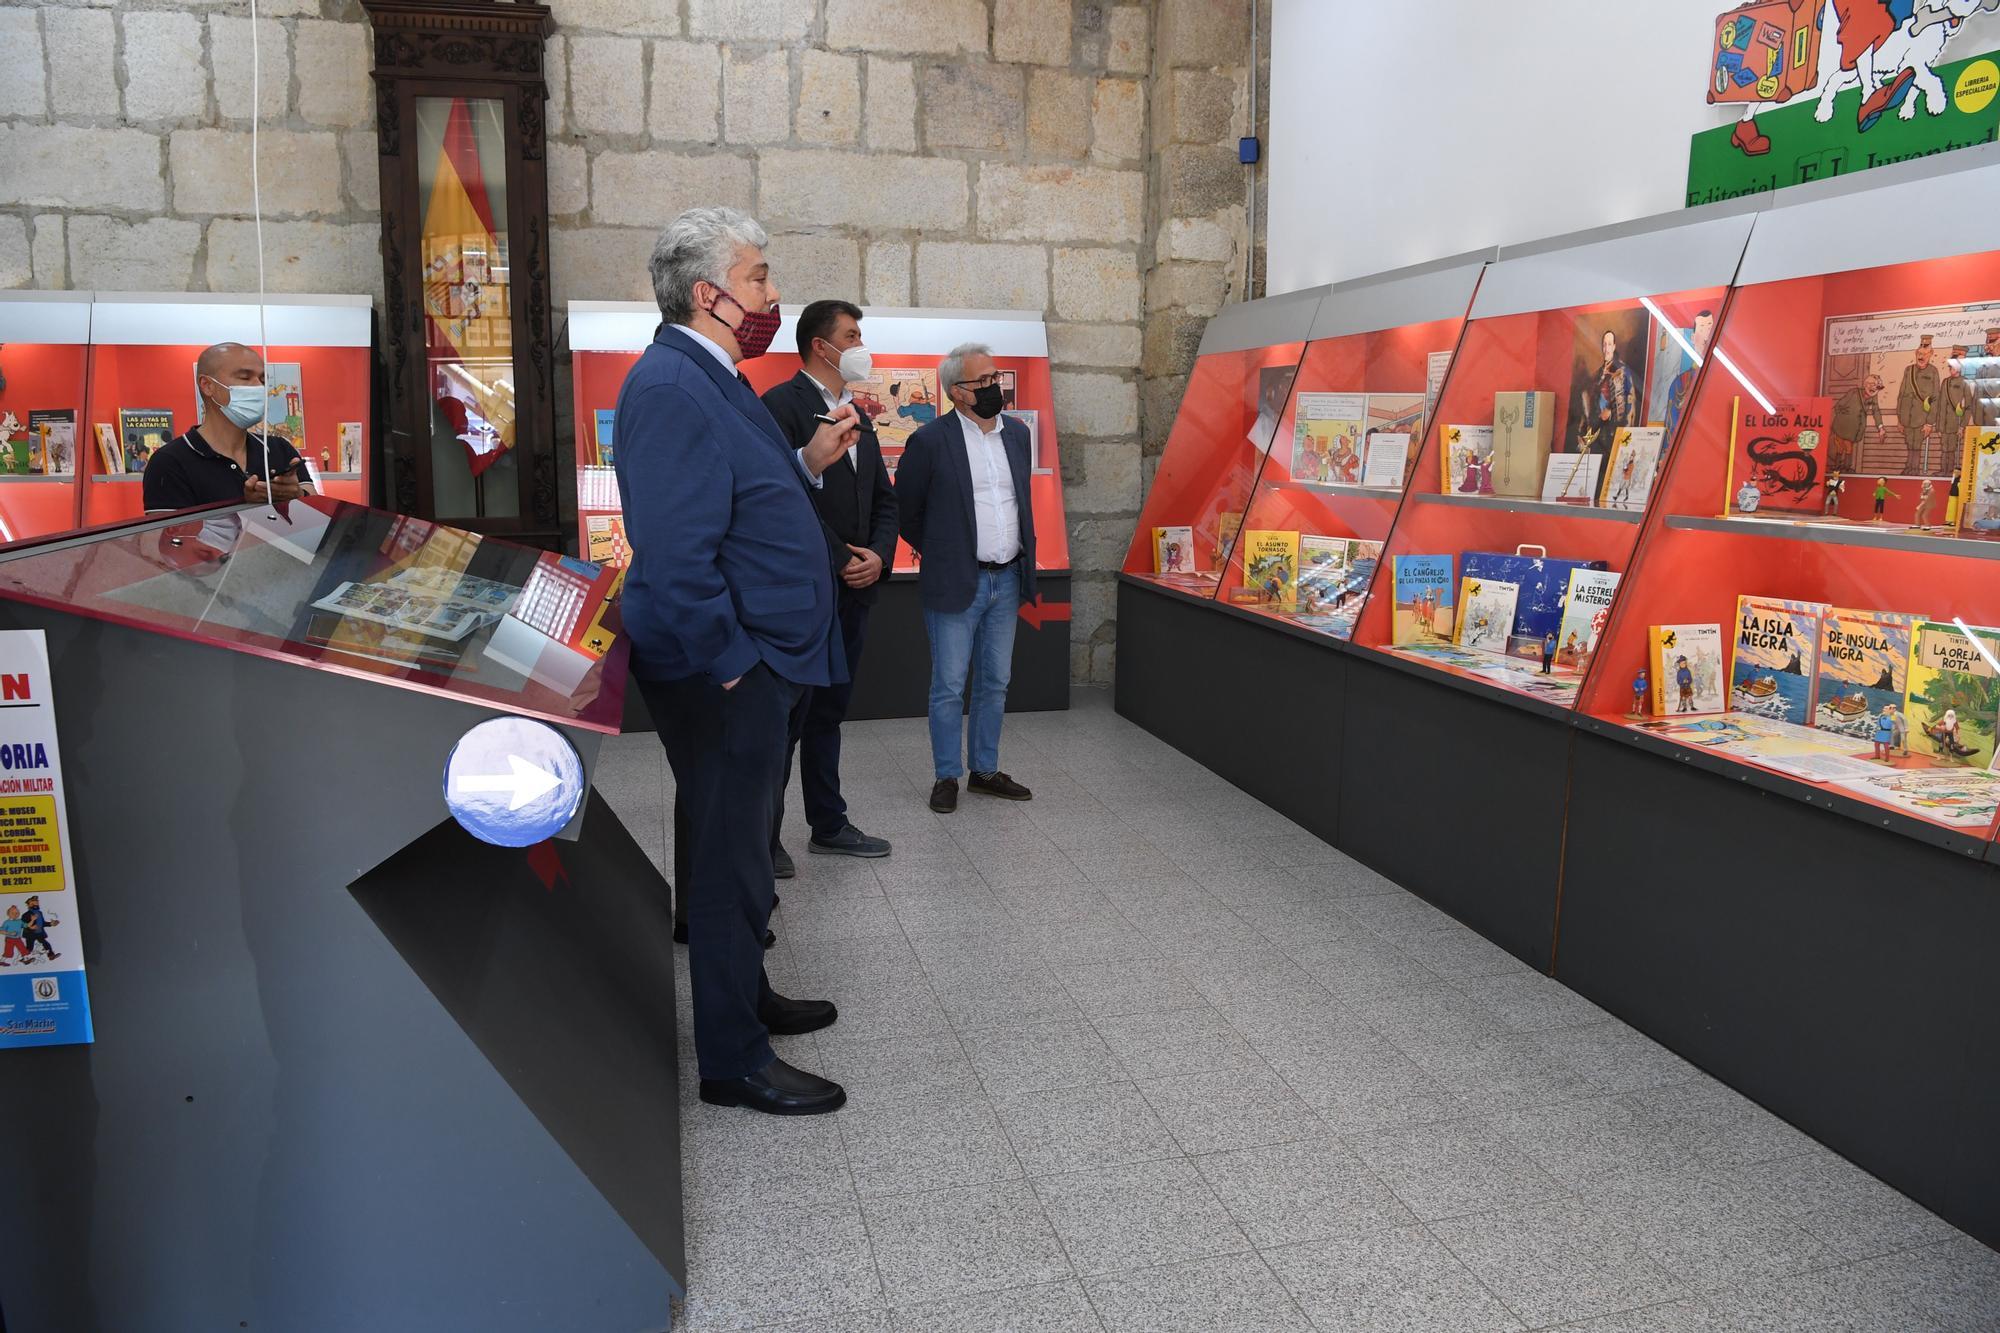 Inauguración de una exposición sobre Tintín en el Museo Militar